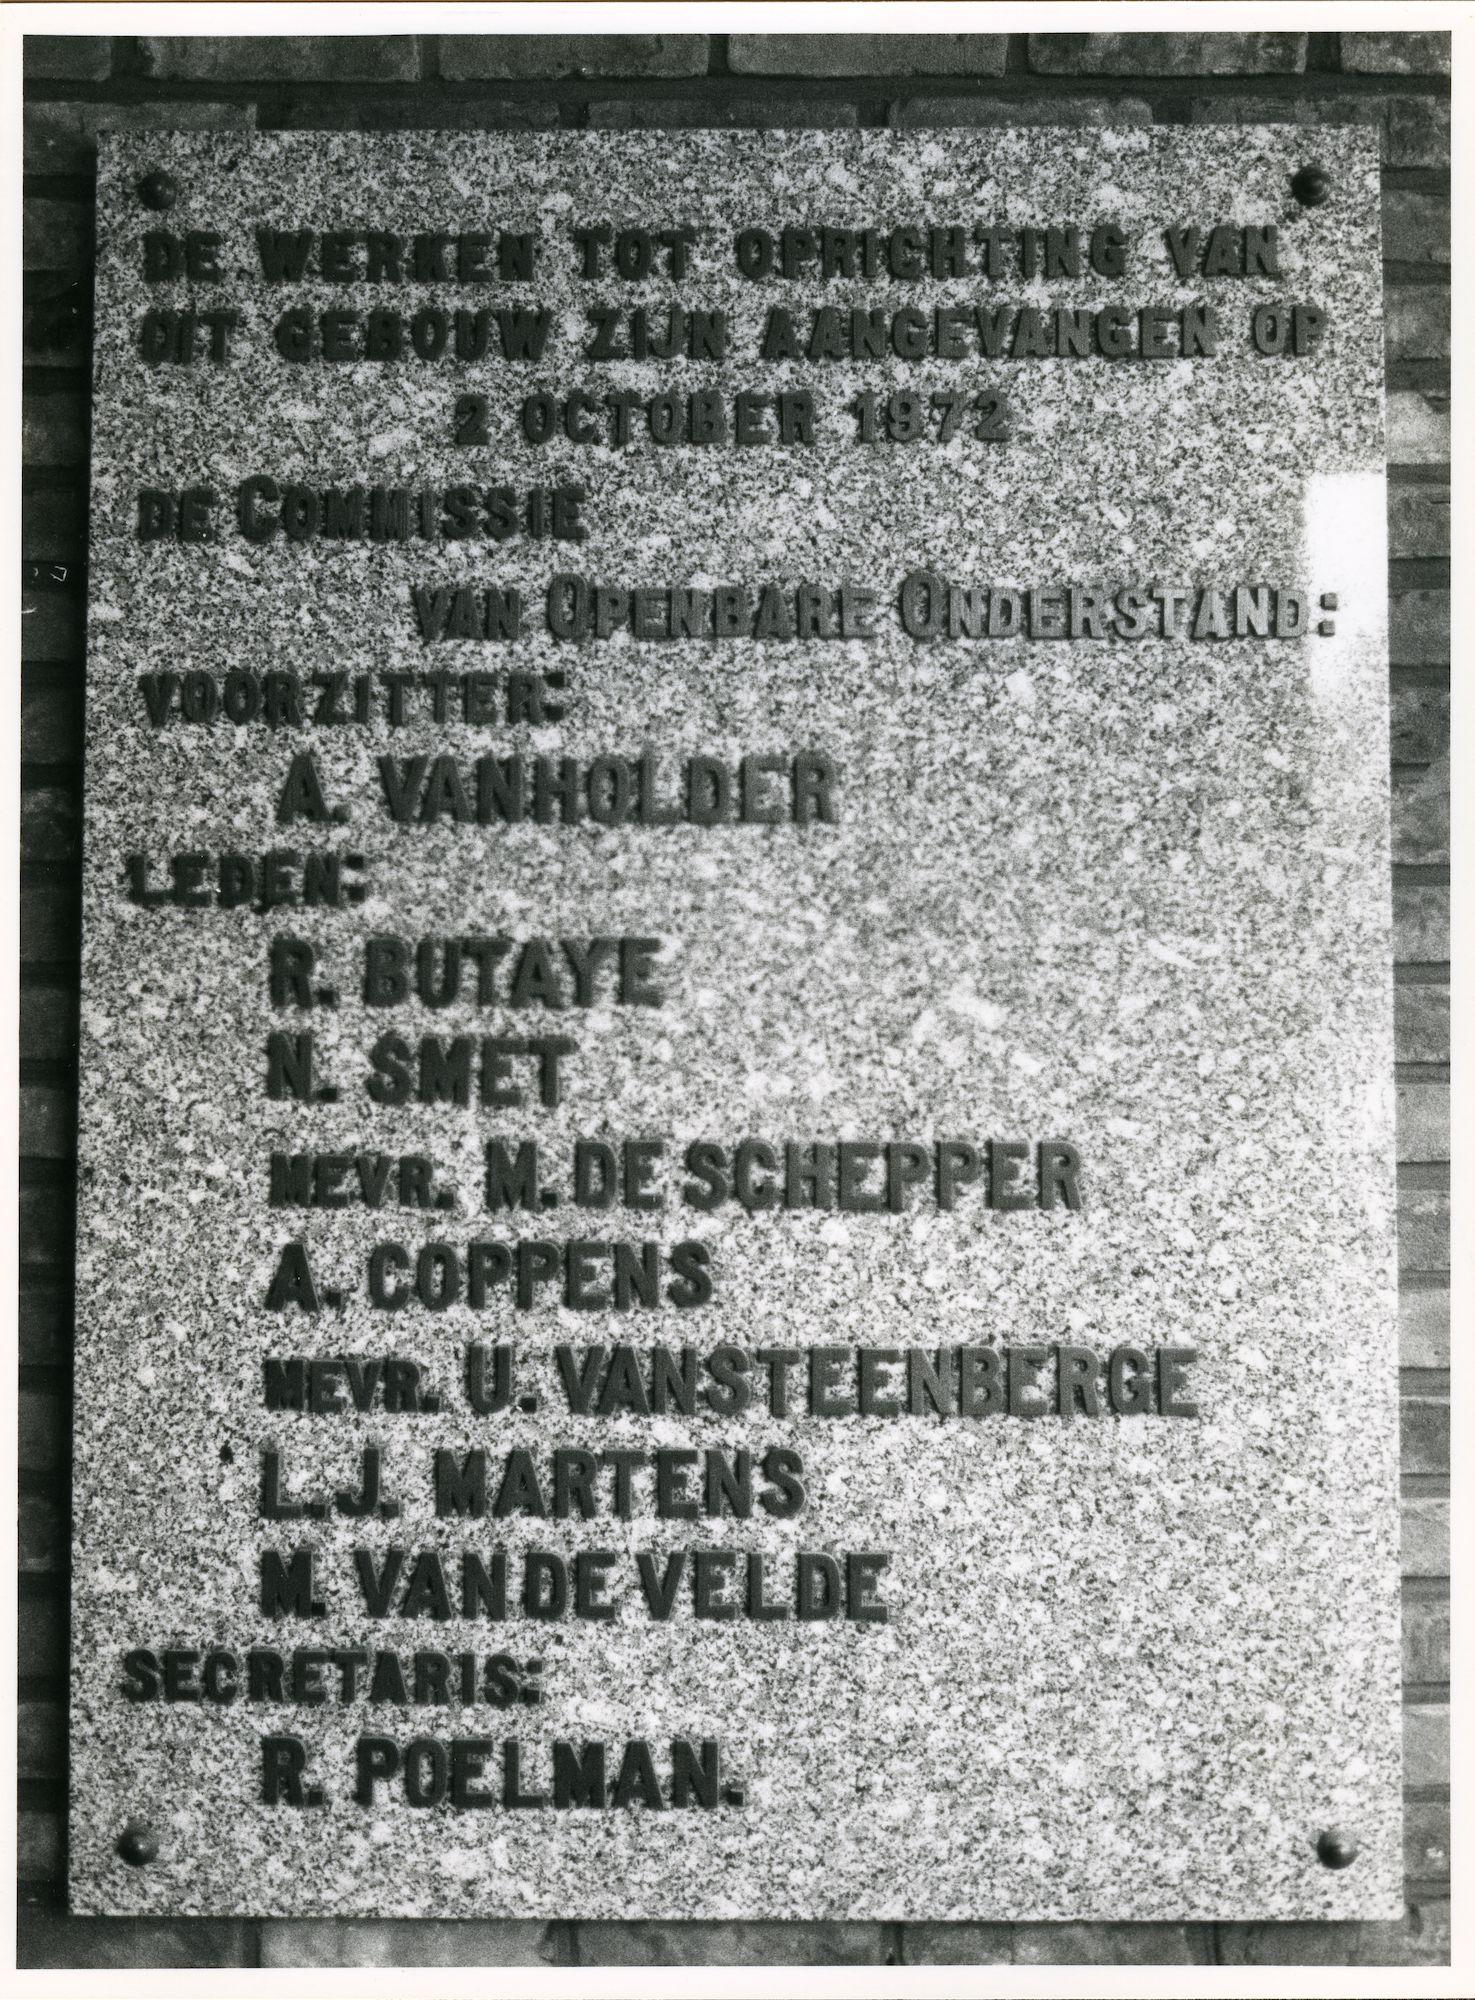 Sint-Amandsberg: Antwerpsesteenweg: Gedenksteen, 1980